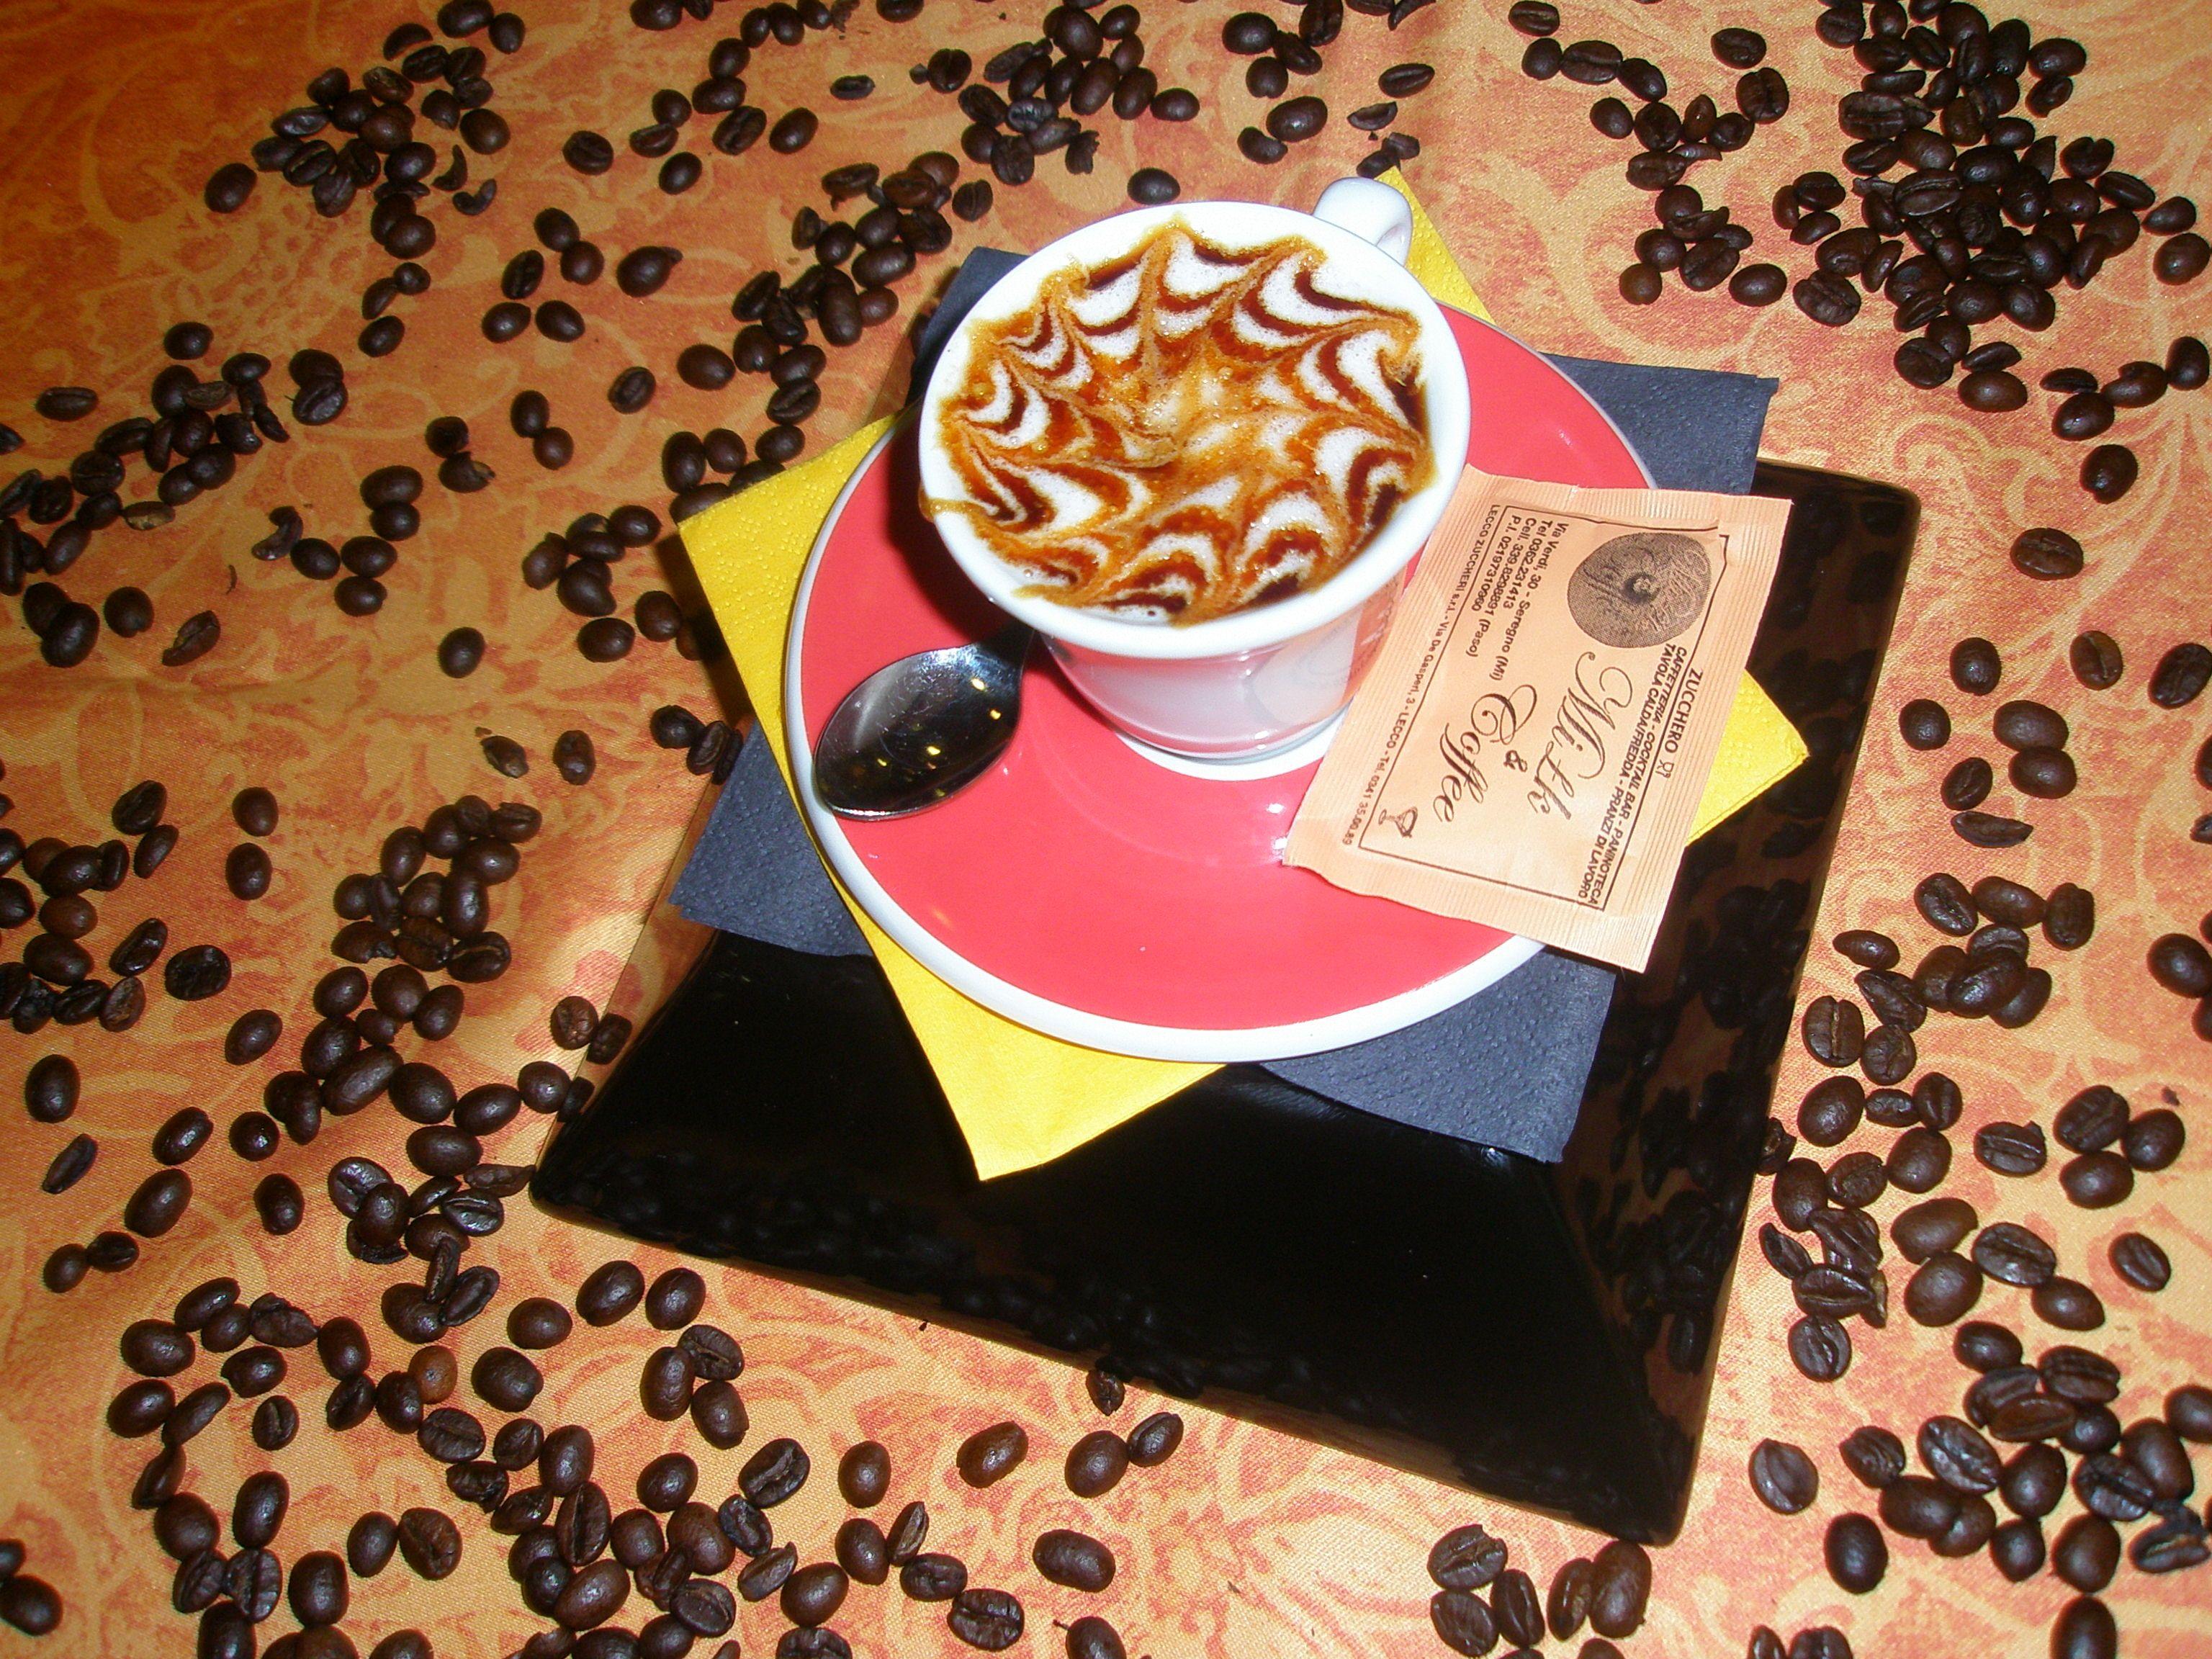 Pausa caffè? E' quello che serve durante la giornata e se vuoi recarti un un locale davvero elegante e confortevole vieni alla caffetteria Milk & Coffee in via Verdi 30 a Seregno.